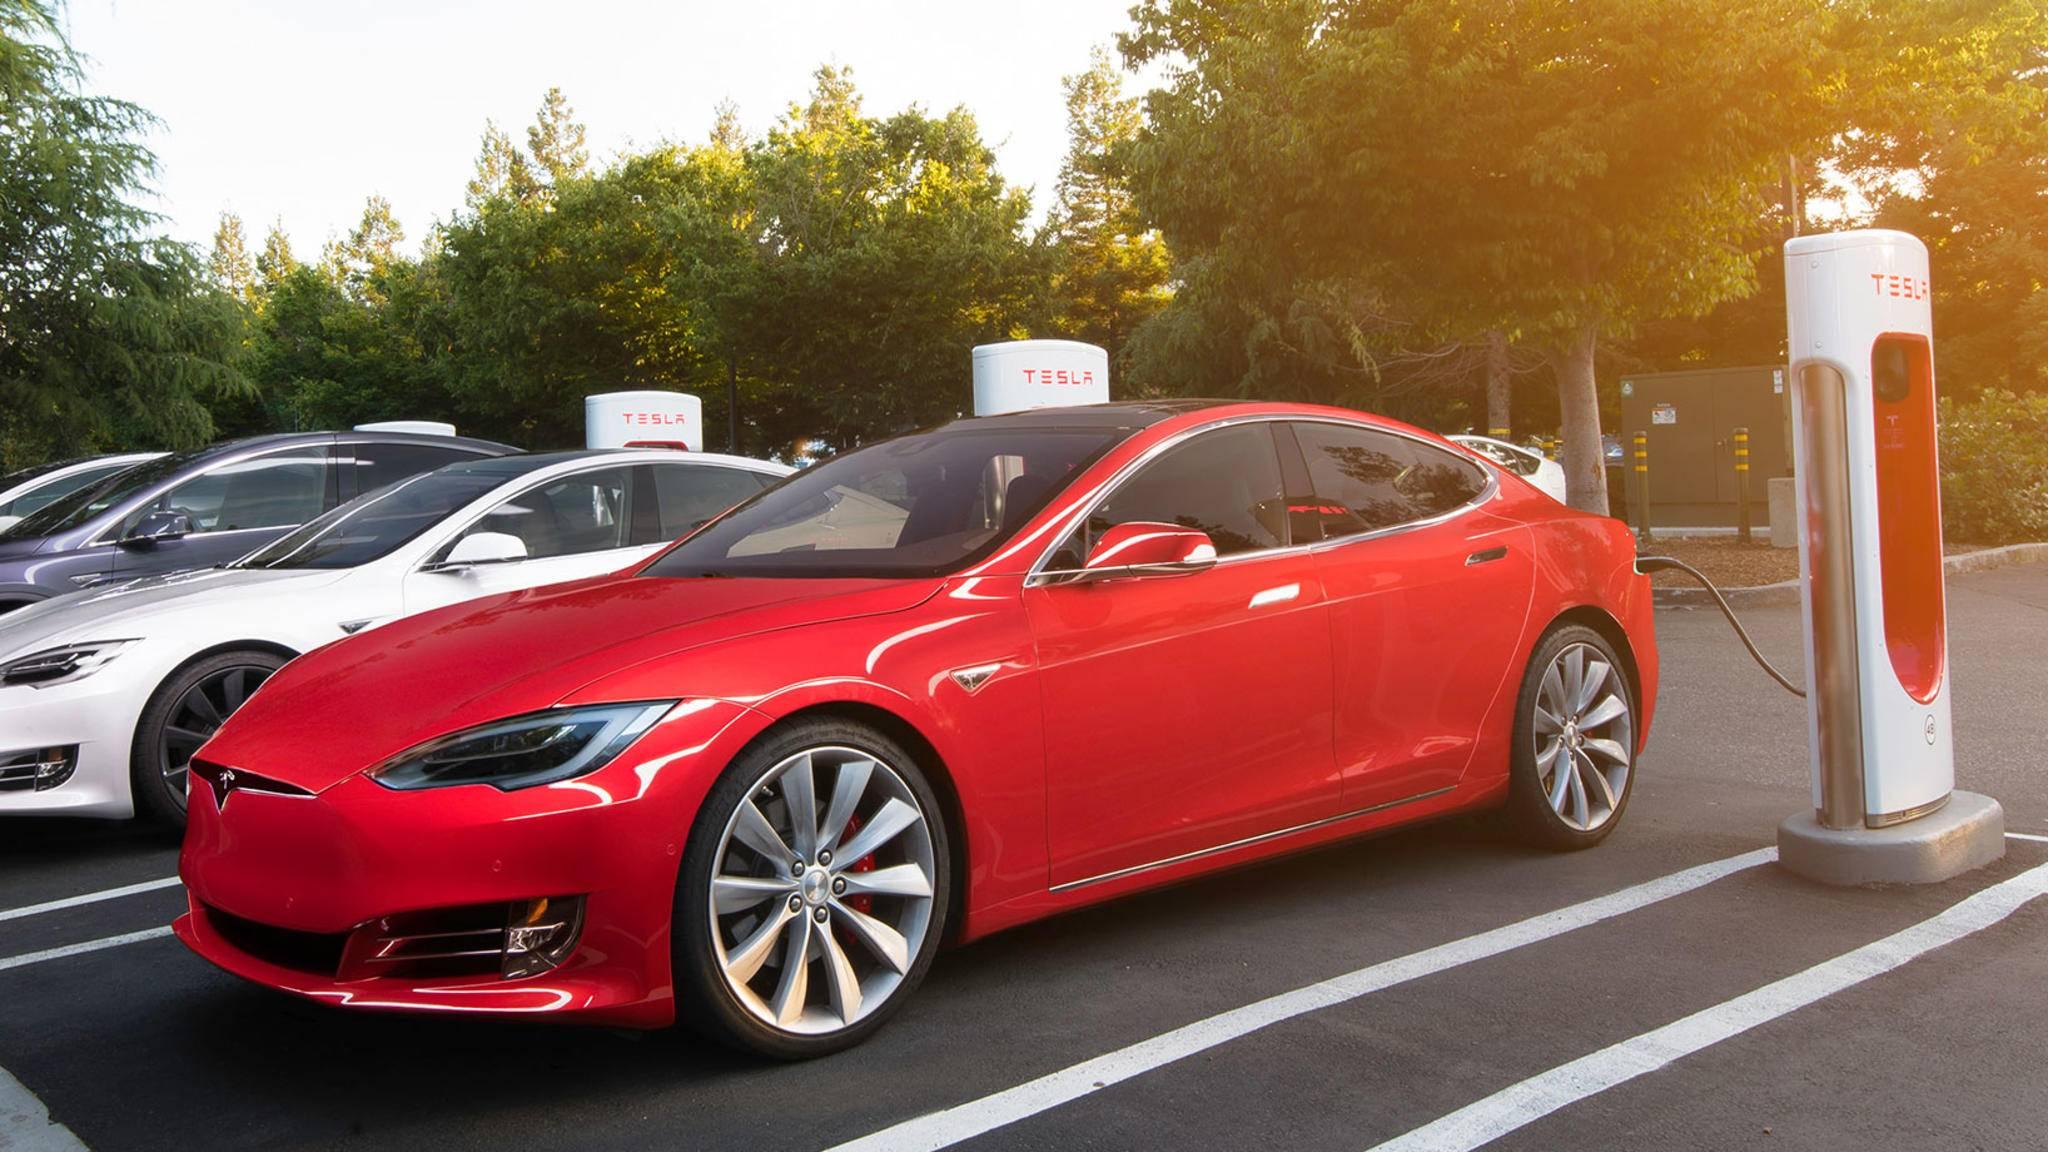 Mit den V3-Ladestationen kann das Model 3 noch schneller aufgeladen werden.